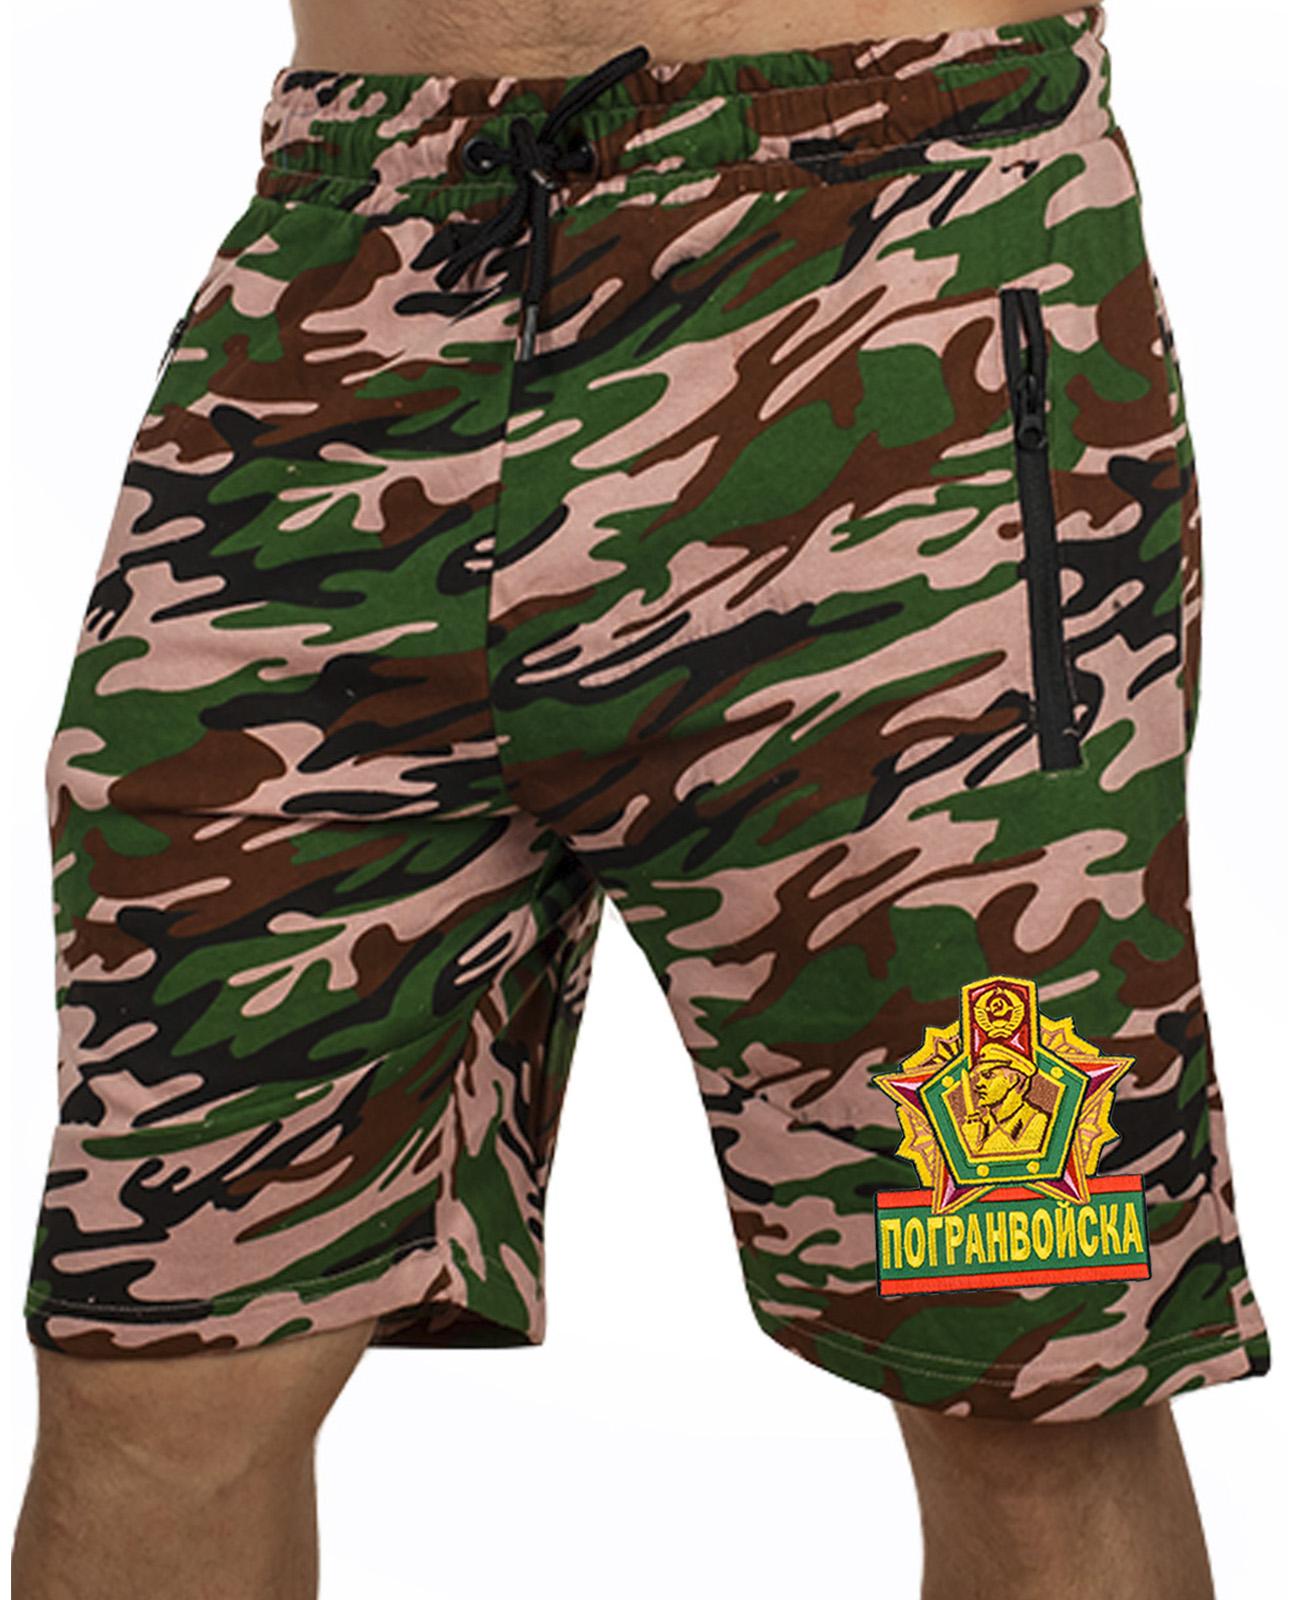 Купить мужские камуфляжные шорты с нашивкой Погранвойска с доставкой или самовывозом